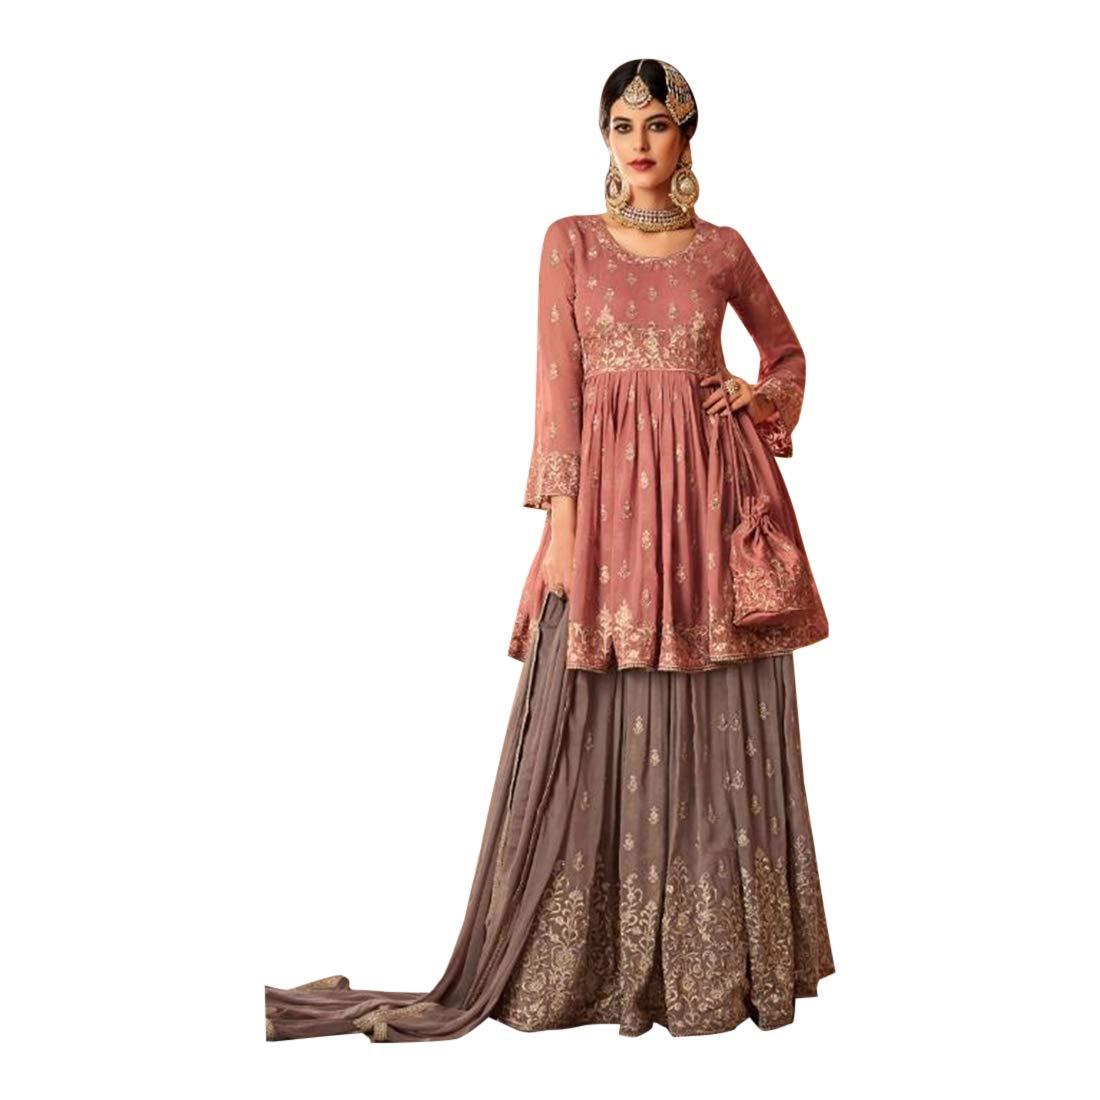 e4aaa63e08 Muslim Heavy Garara Sharara Ramzan Salwar Kameez Suit 7705: Amazon.in:  Clothing & Accessories